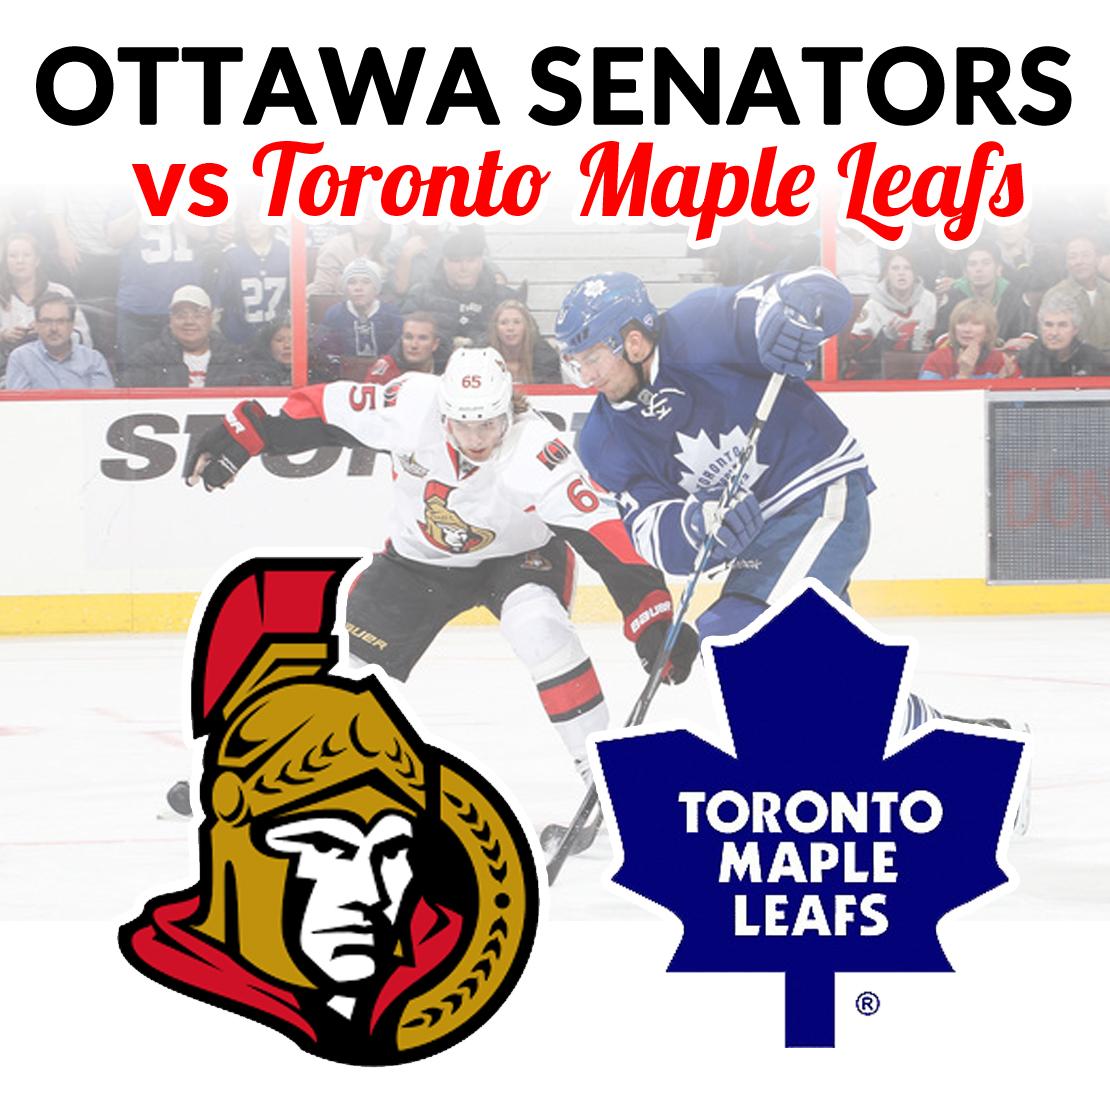 Ottawa Senators vs Toronto Maple Leafs